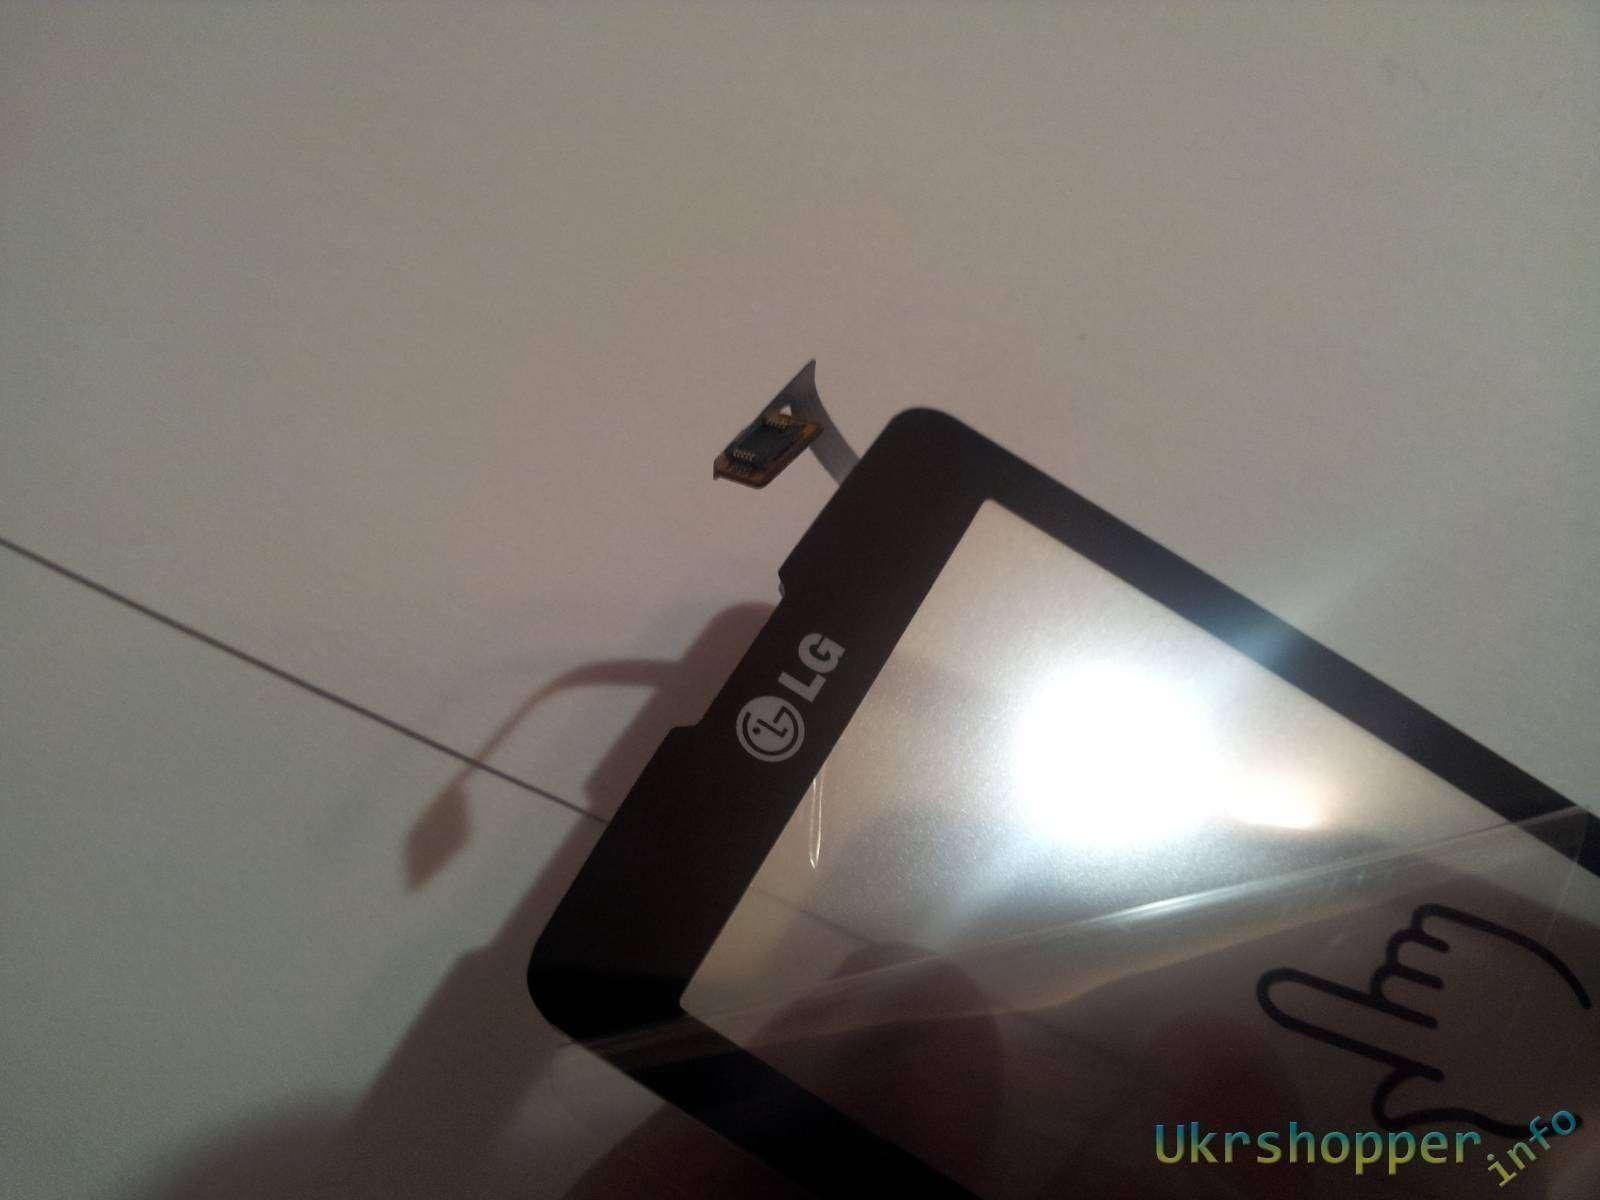 Ремонт LG KP 500 своими рукам и замена тачскрин экрана купленного на Ebay